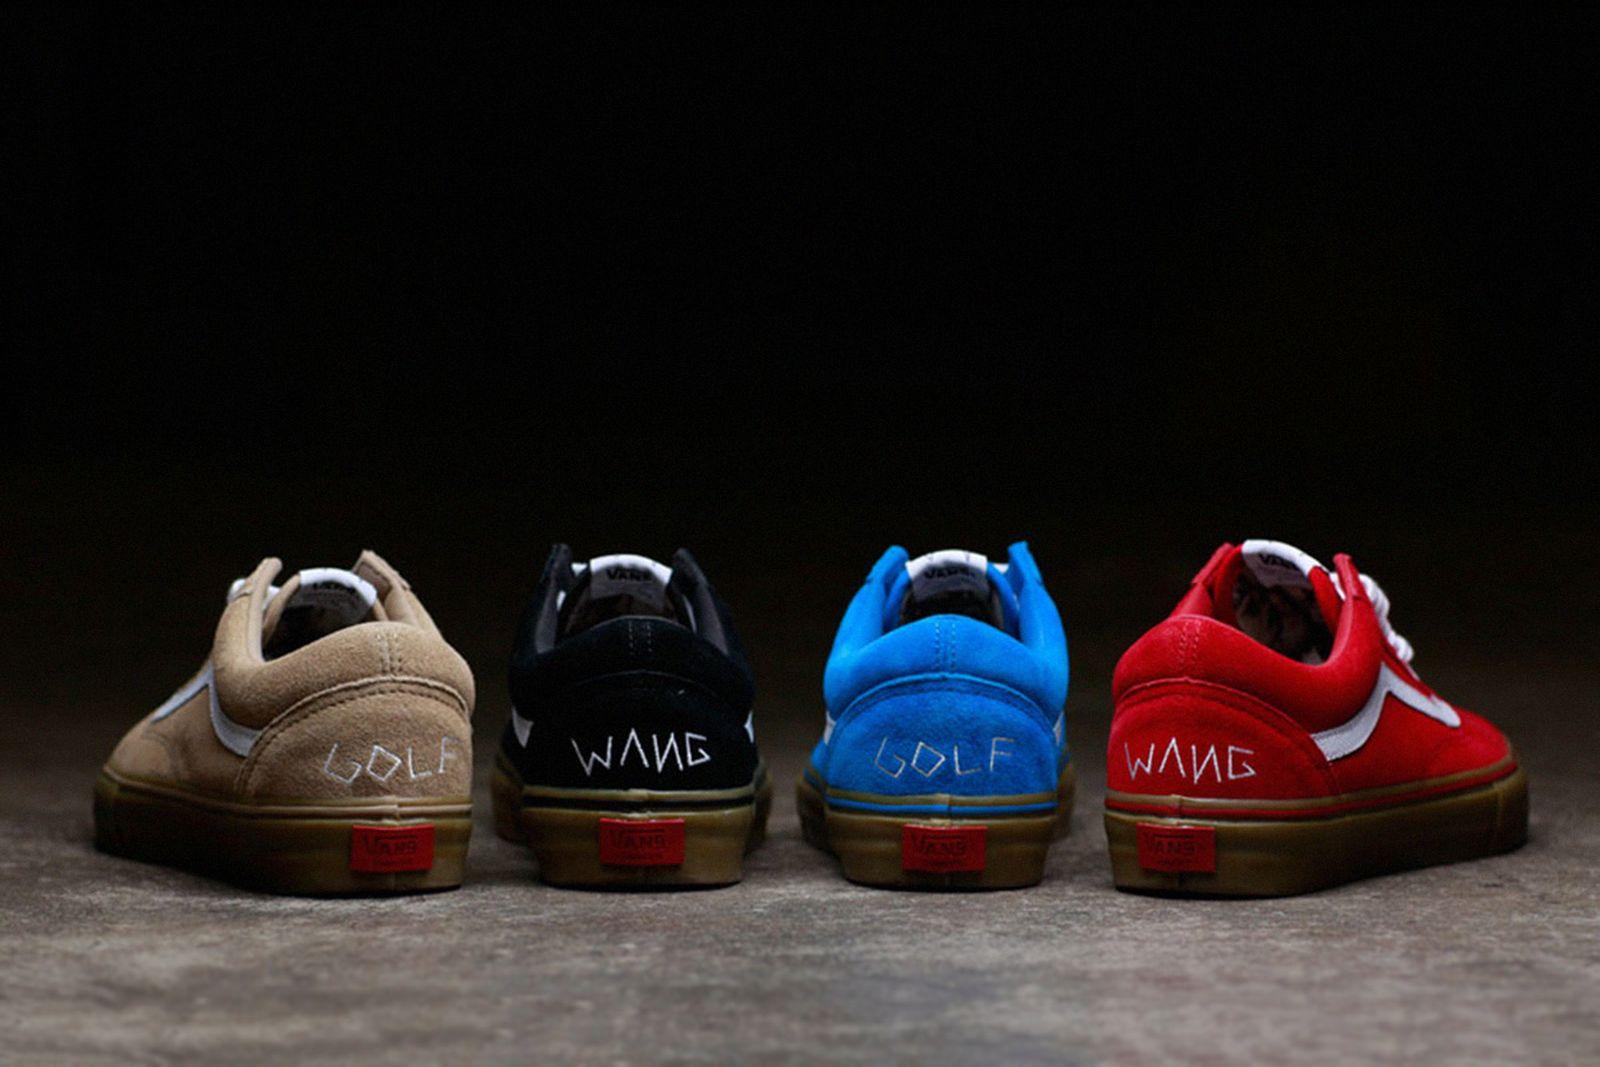 tyler creator footwear designs Converse odd future tyler the creator